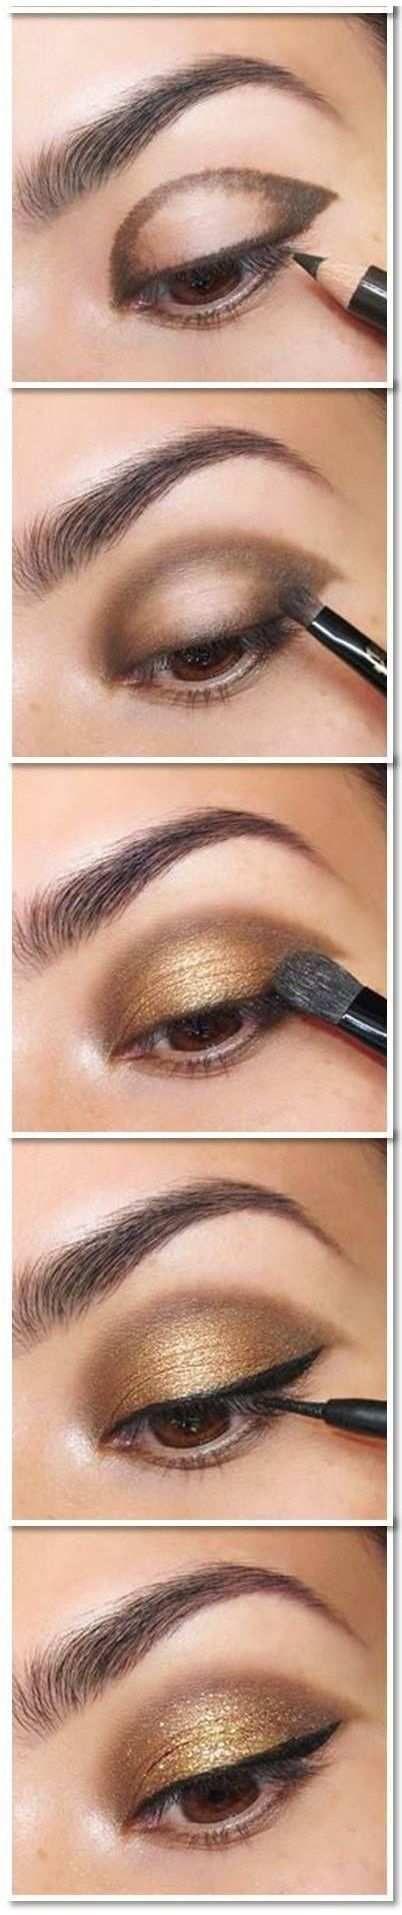 En este artículo encontraras trucos, tips e ideas para maquillar ojos marrones. Si tienes los ojos marrones o café claros, este articulo te encantara porque te enseñaremos algunas combinaciones de sombras ...